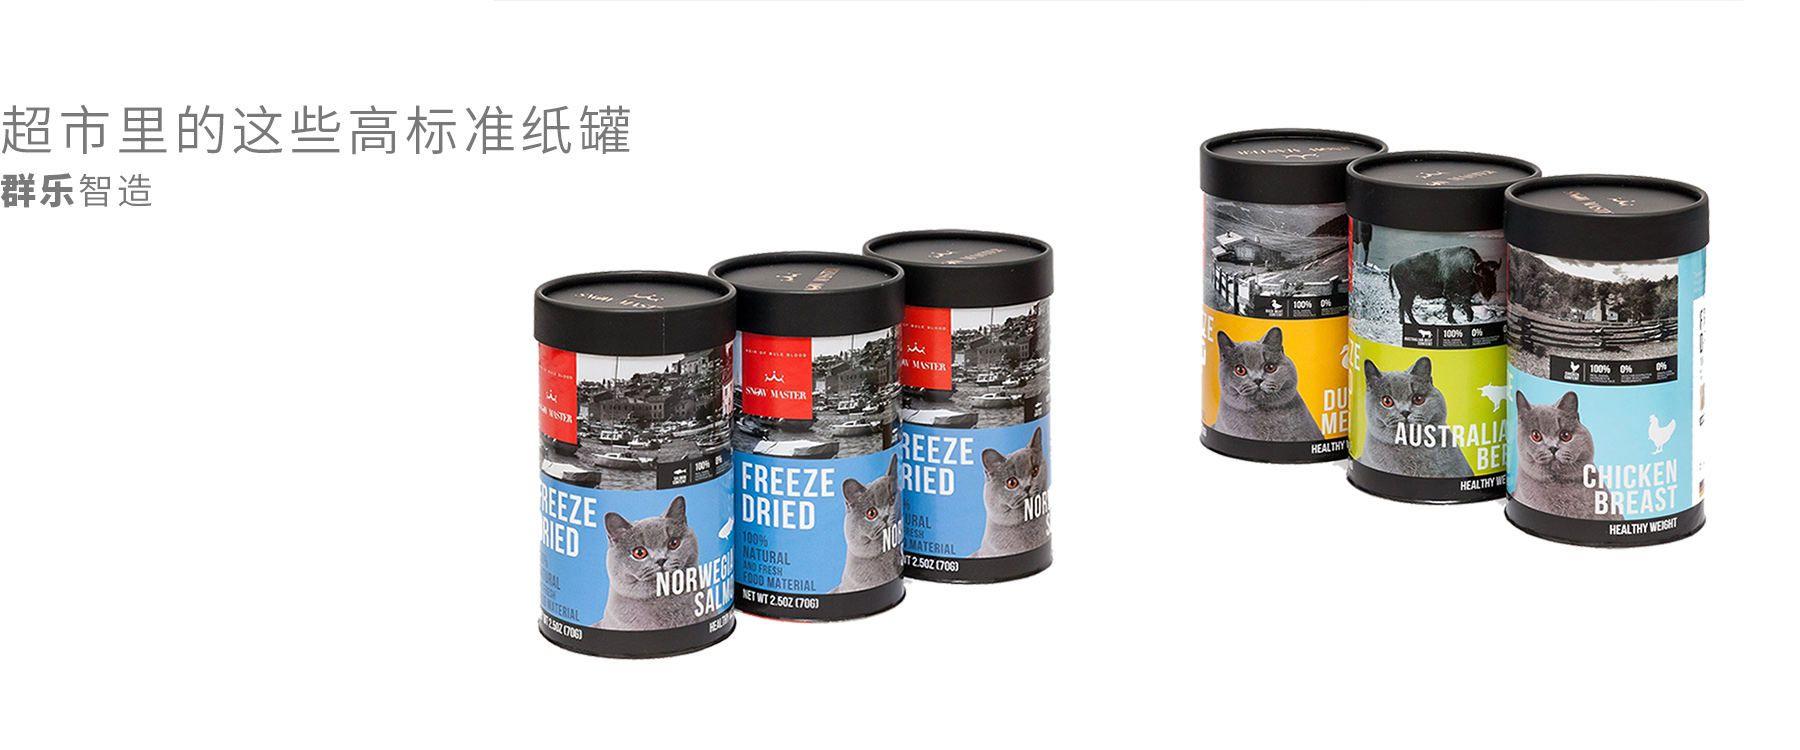 宠物食品包装纸罐,创意猫奶粉,狗奶粉复合易撕盖纸罐